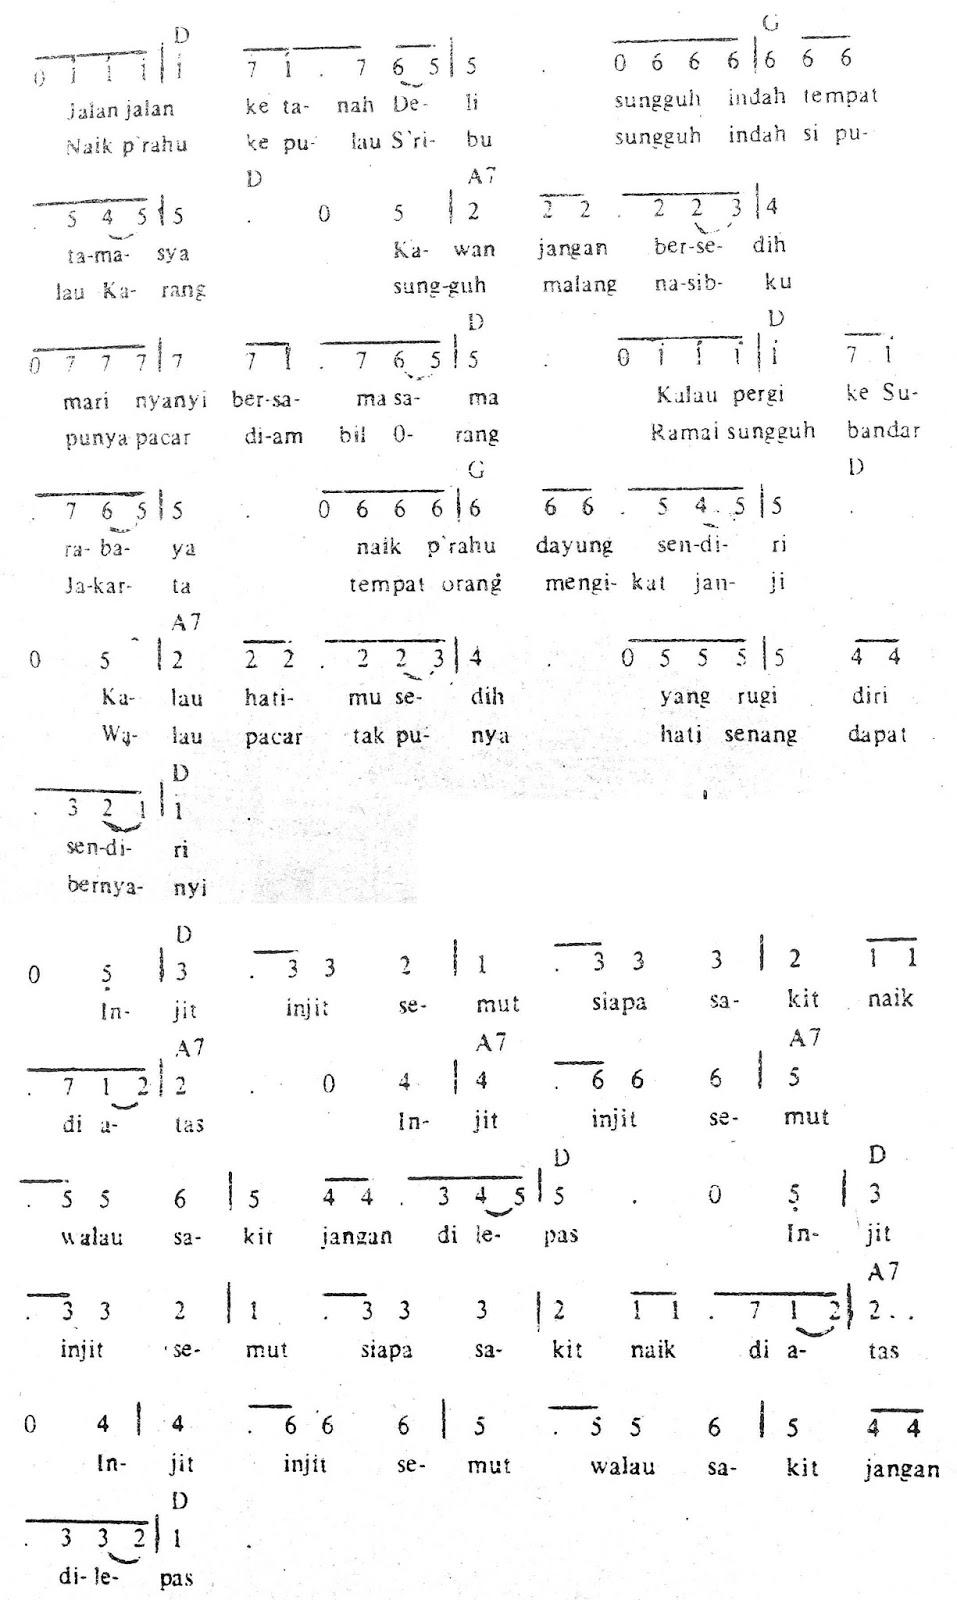 Chord & Arti Lirik Lagu Jambi: Injit Injit Semut + Not Angka